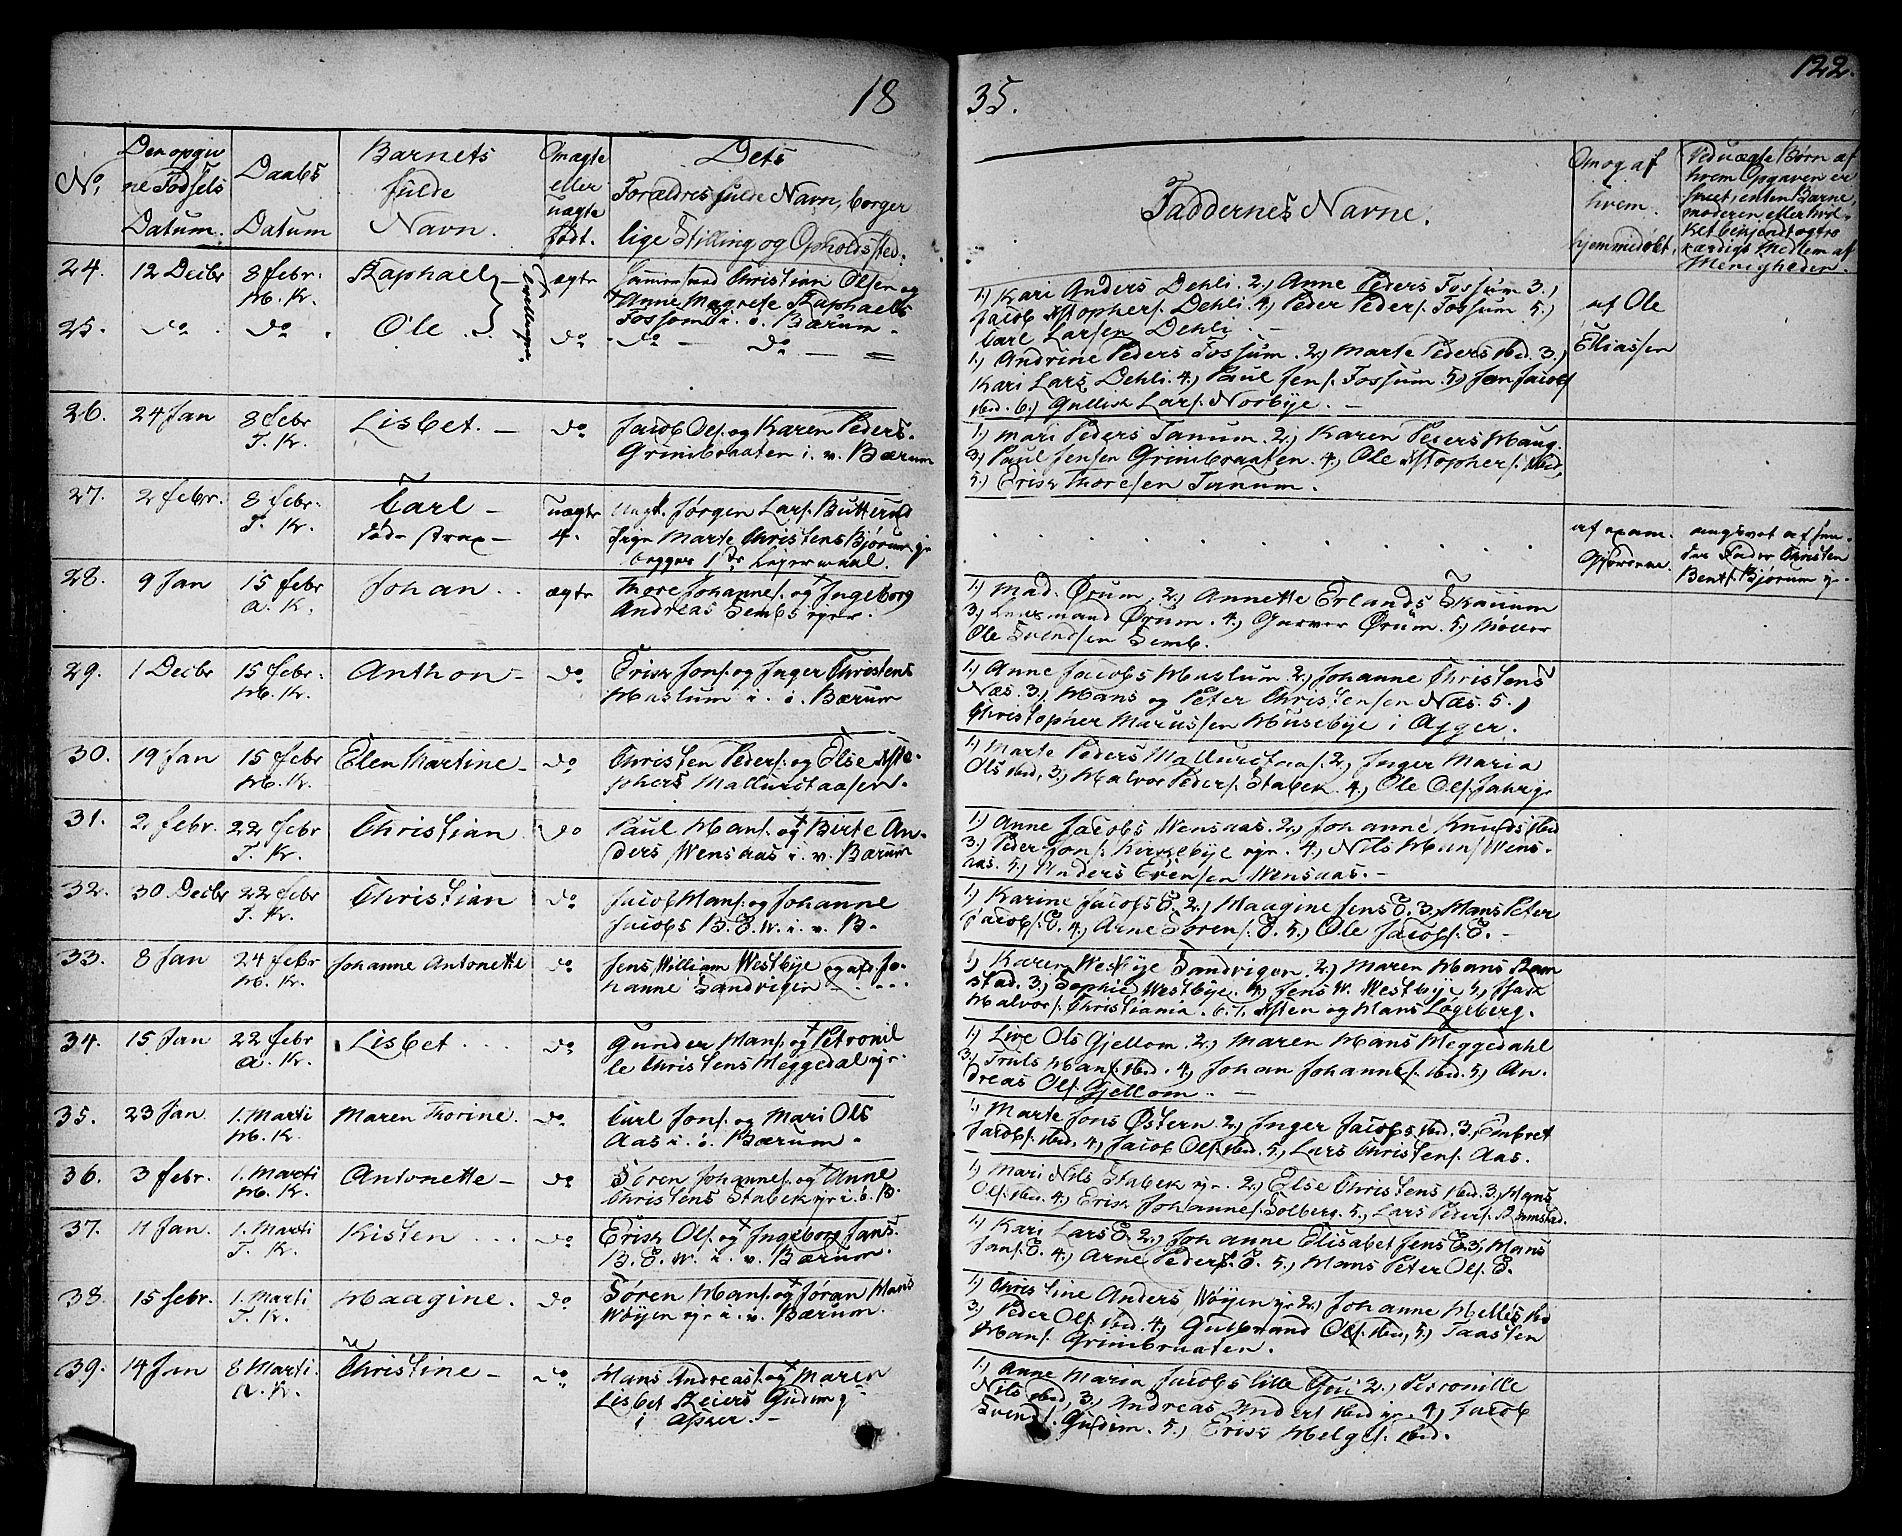 SAO, Asker prestekontor Kirkebøker, F/Fa/L0007: Ministerialbok nr. I 7, 1825-1864, s. 122